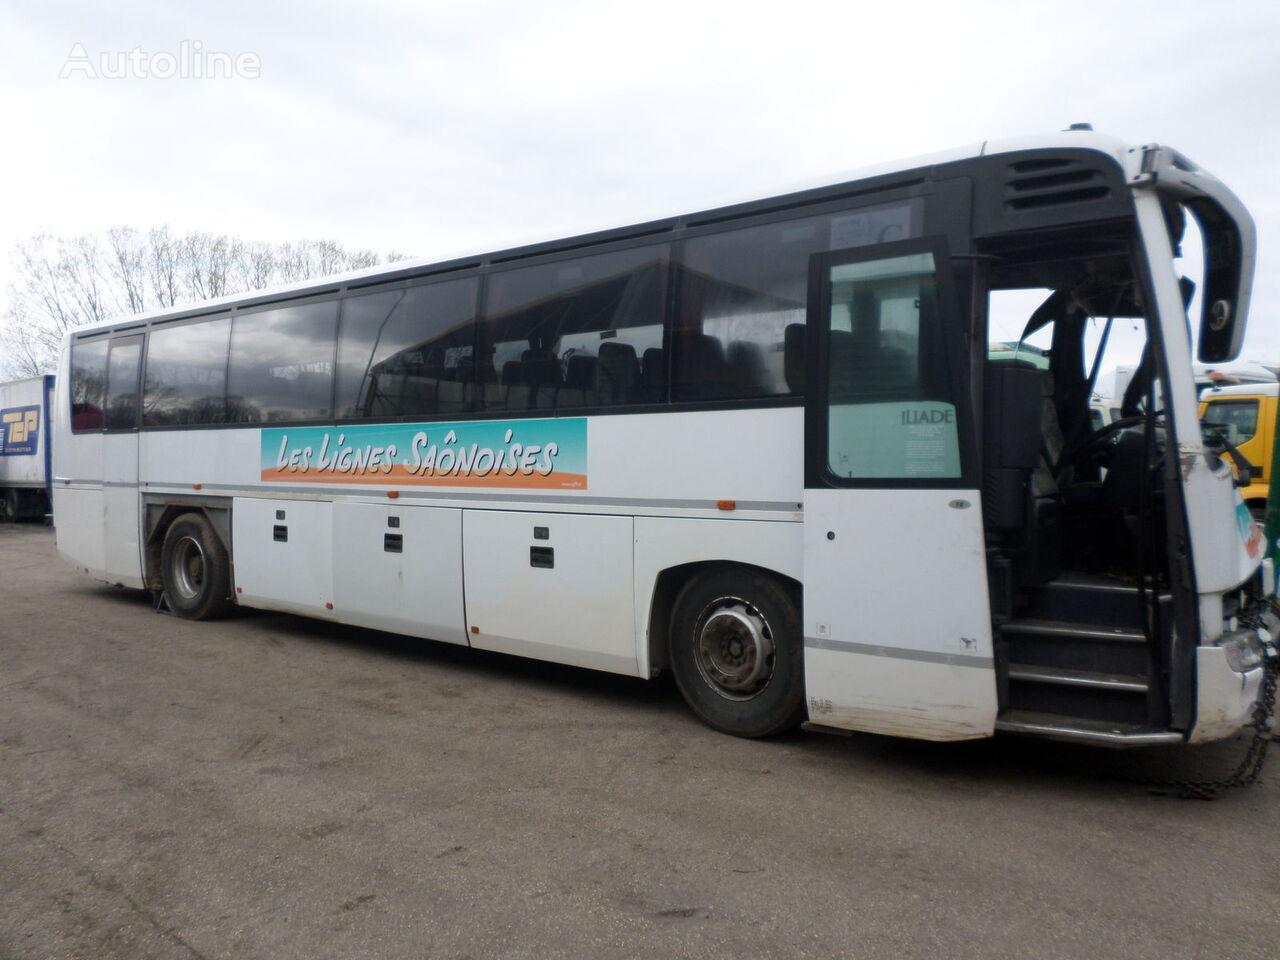 vente des bus touristiques renault illiade apr s accident. Black Bedroom Furniture Sets. Home Design Ideas